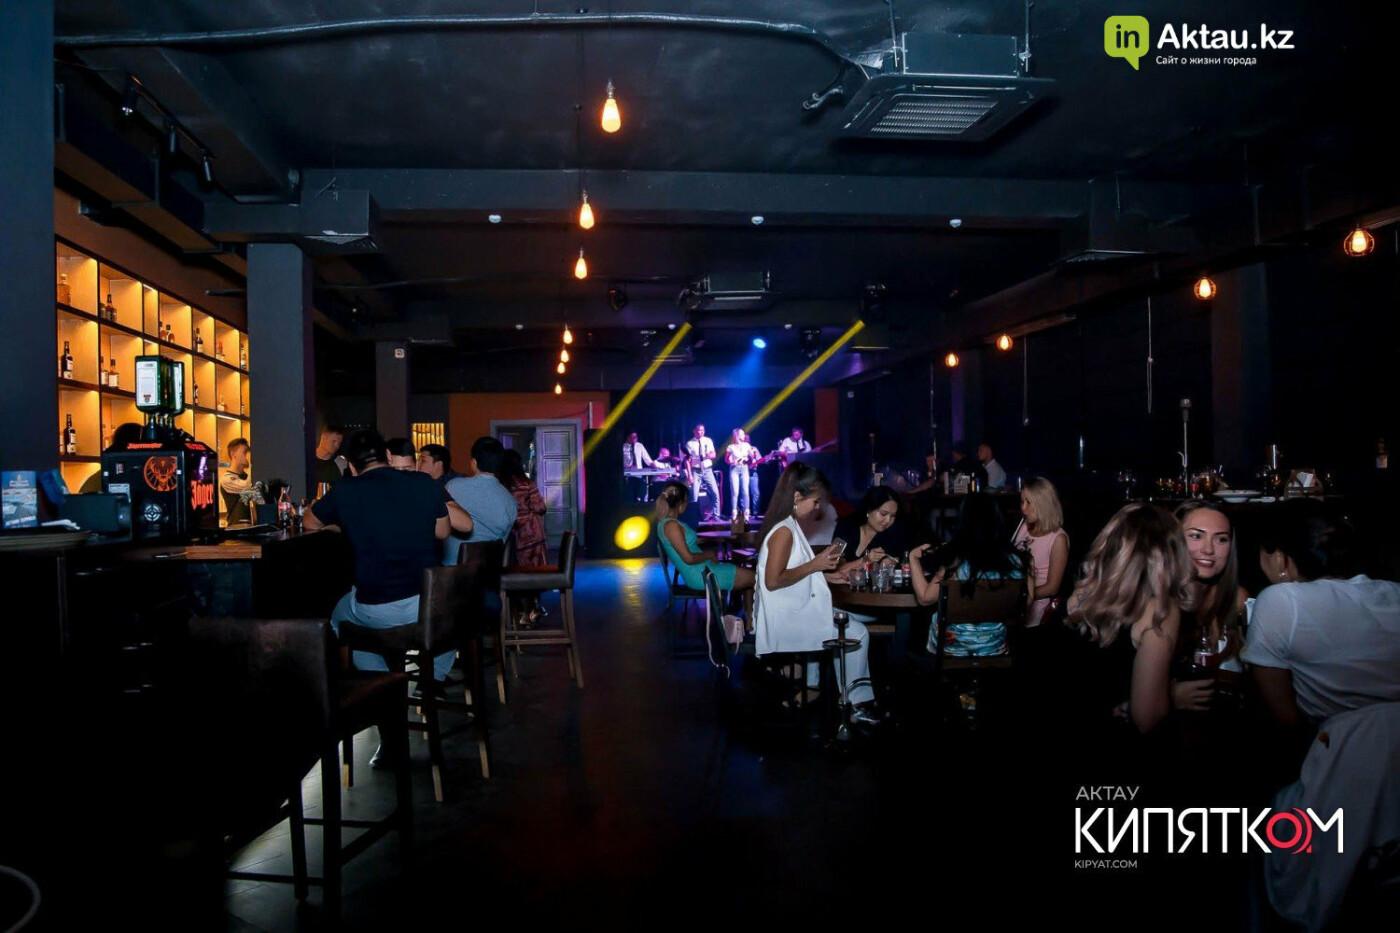 Уикенд в Актау: вечеринки, детские мастер-классы, футбол и Open Air, фото-1